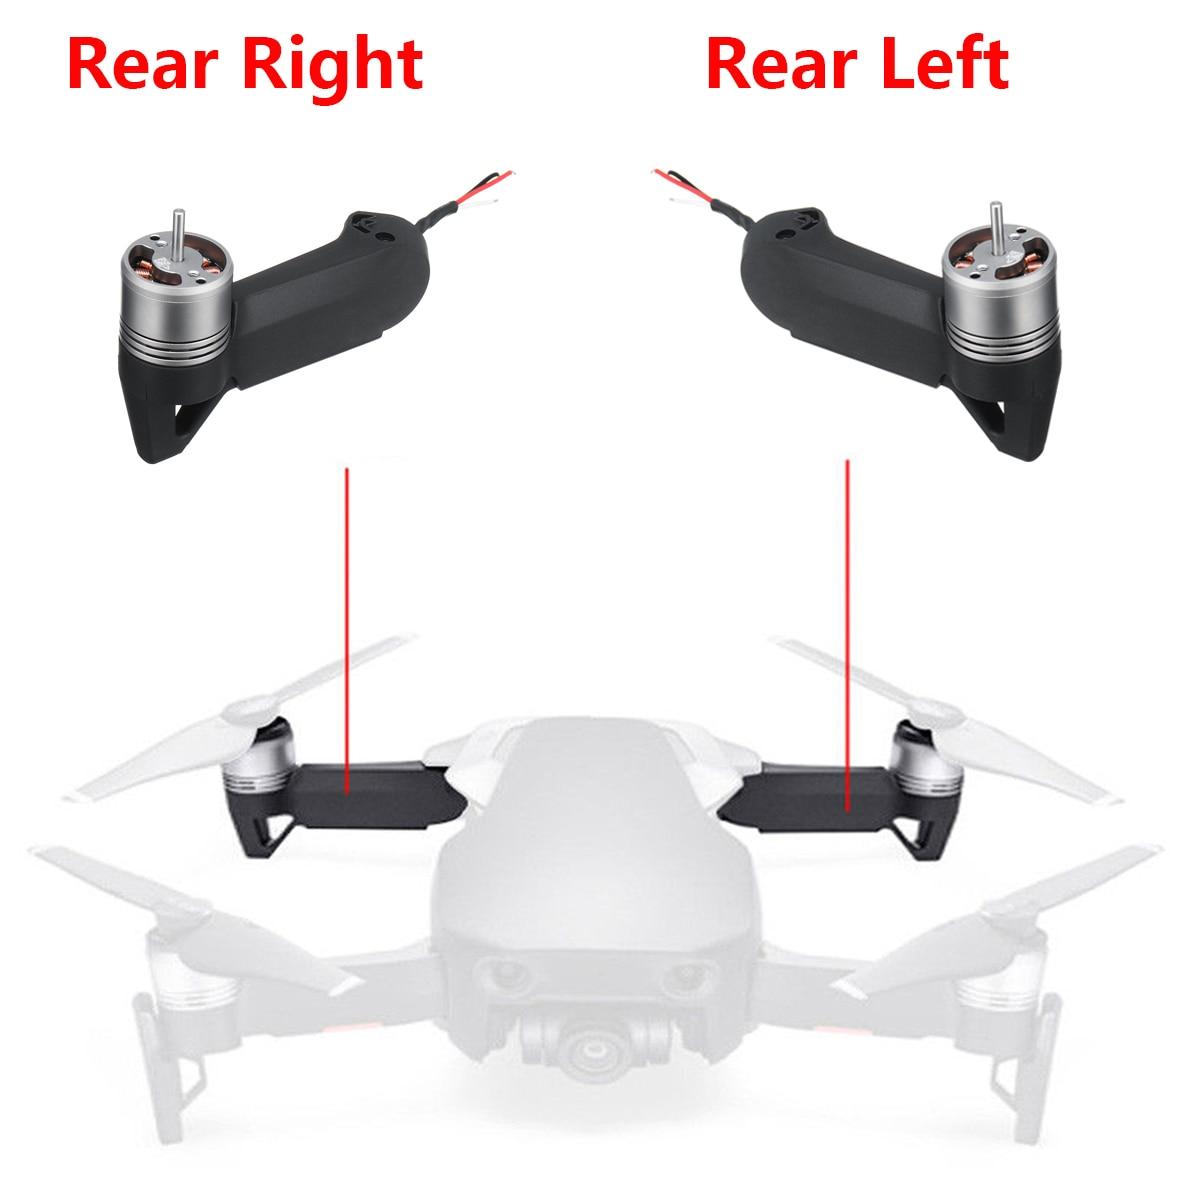 bras-arriere-gauche-droit-pour-dji-font-b-mavic-b-font-air-drone-pieces-de-reparation-camera-drones-accessoires-metal-noir-photo-photographie-aerienne